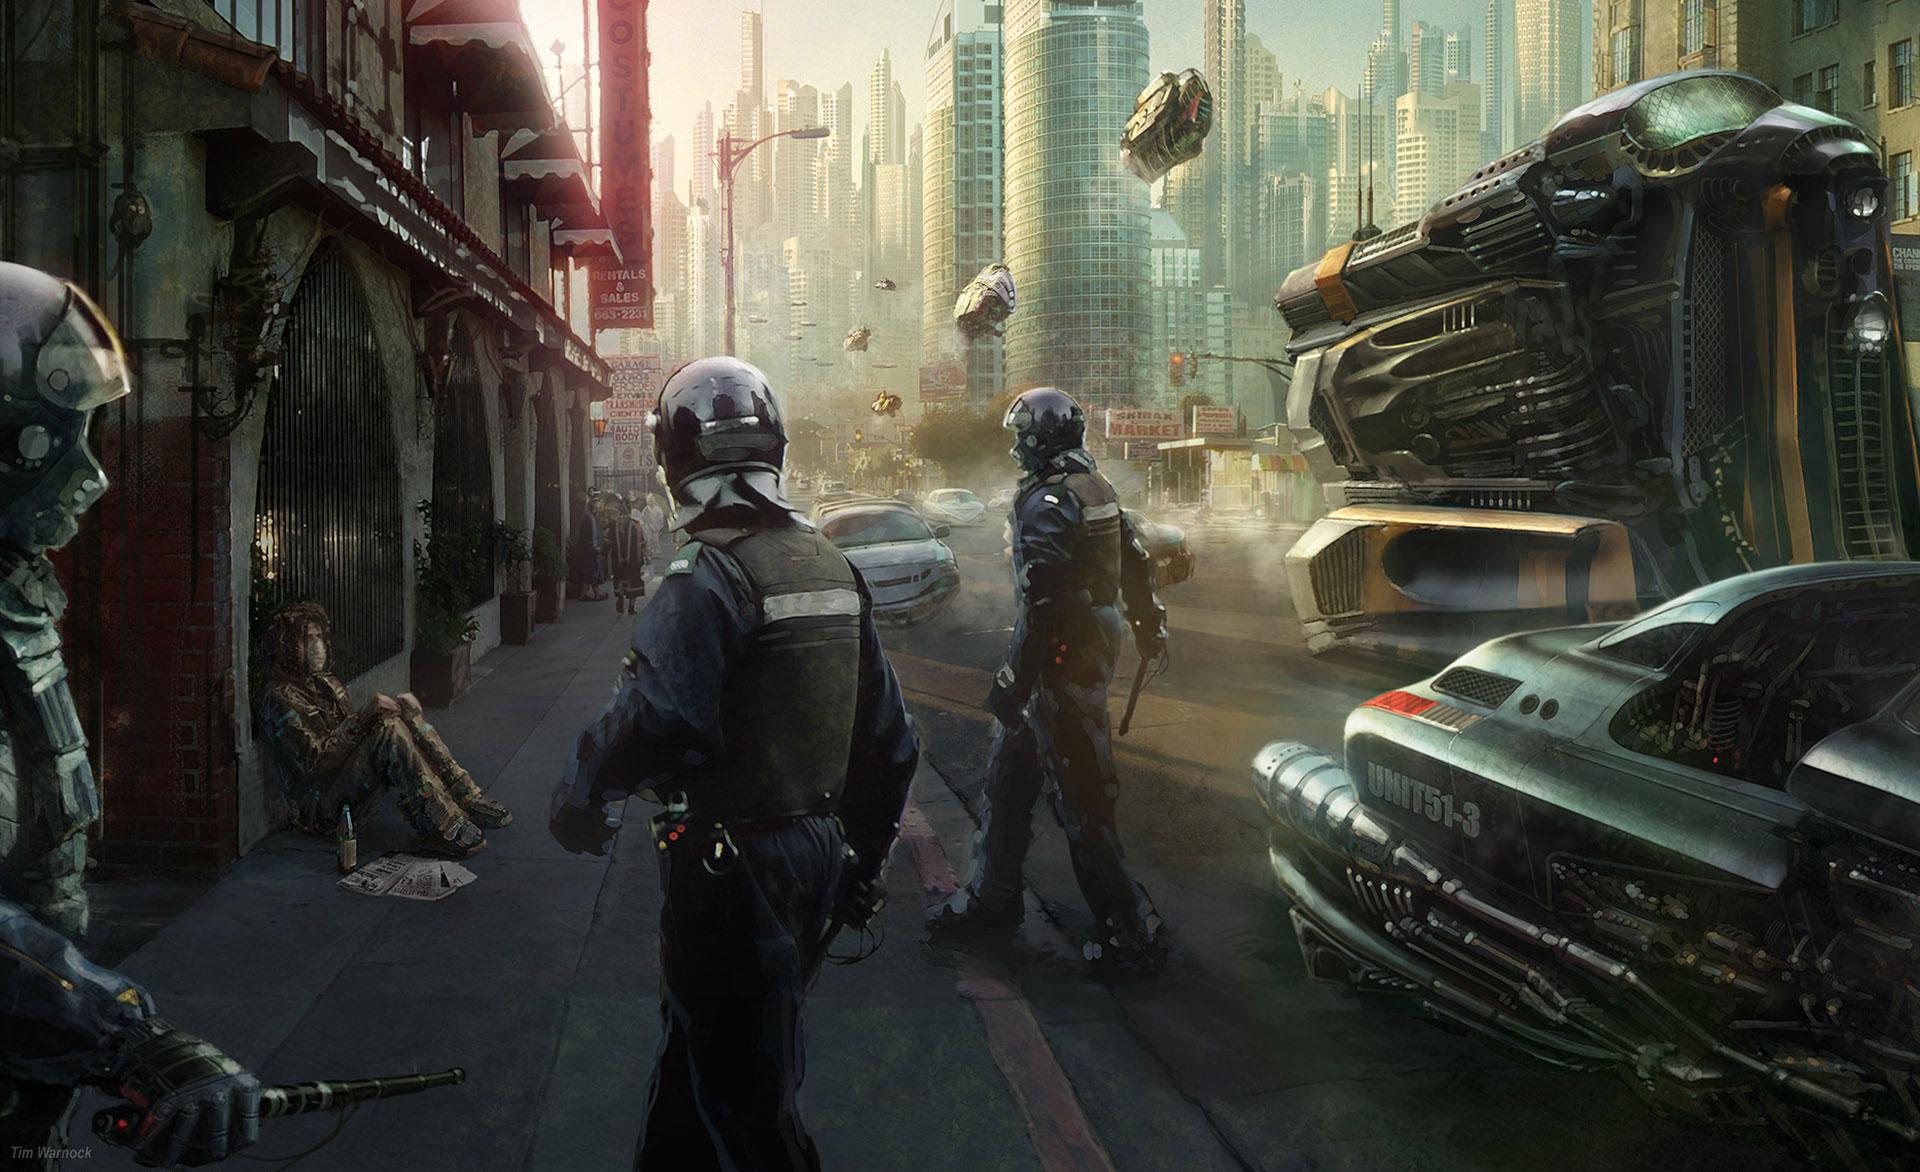 futuristic road wallpaper - photo #39